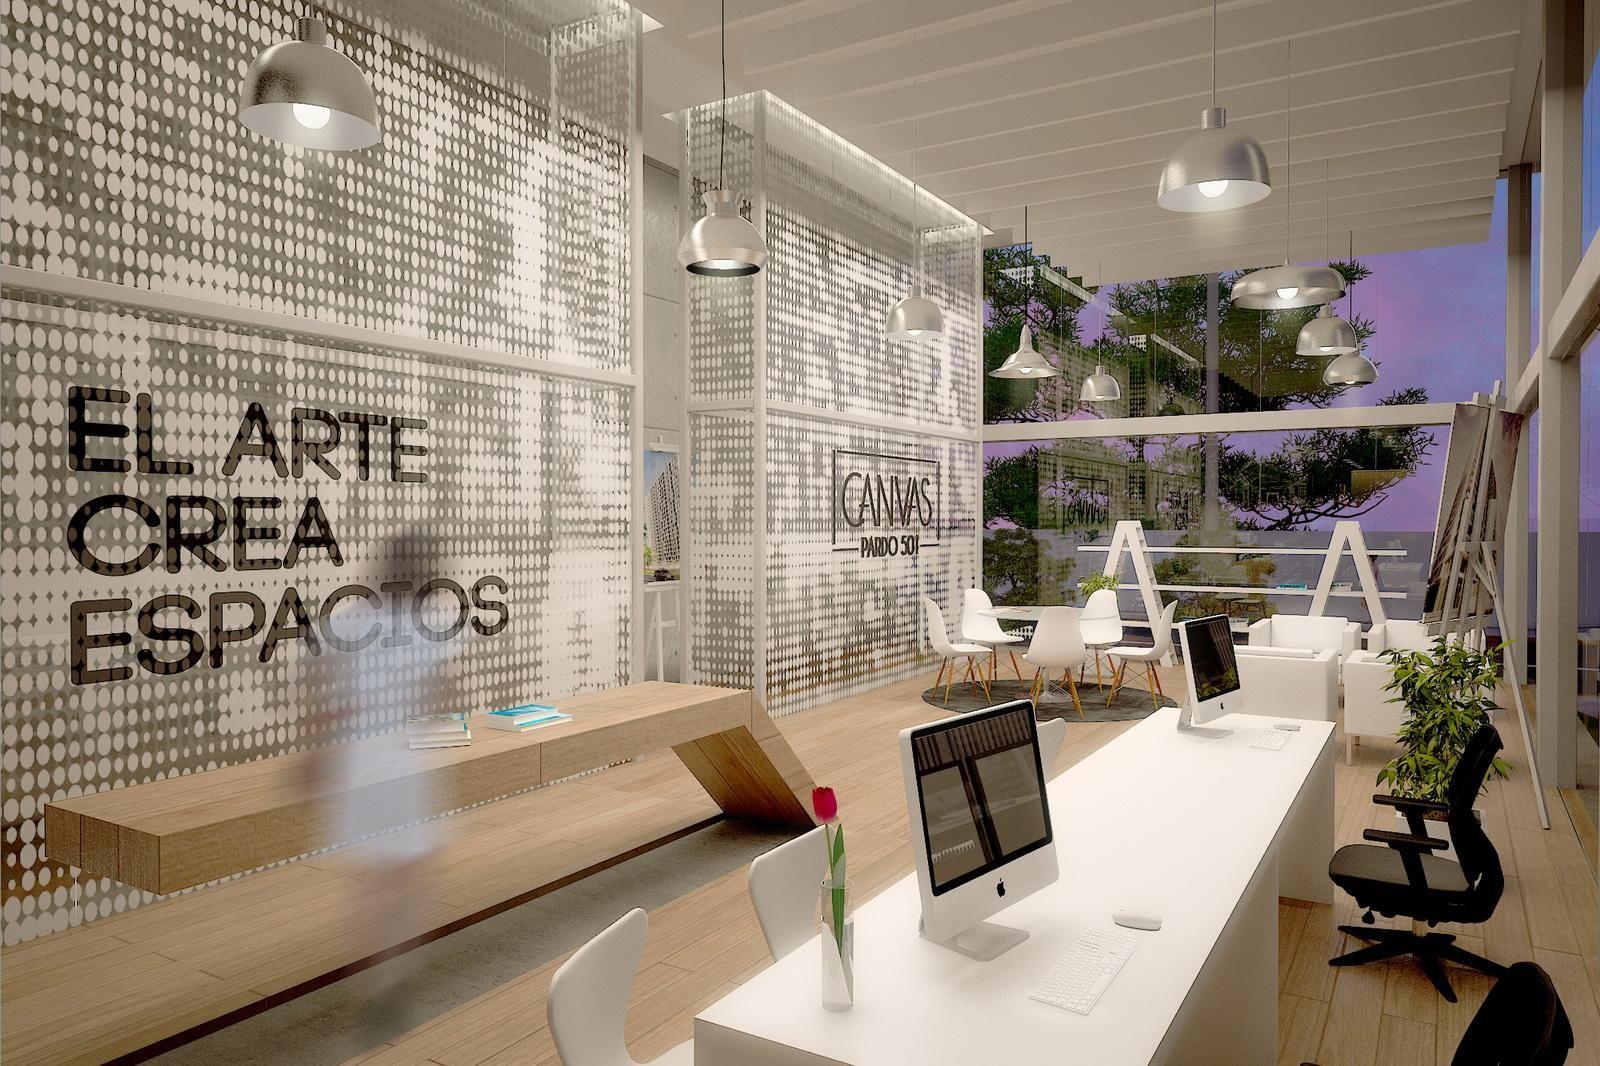 Interior sala de ventas canvas arquitectura - Arquitectos y decoradores de interiores ...